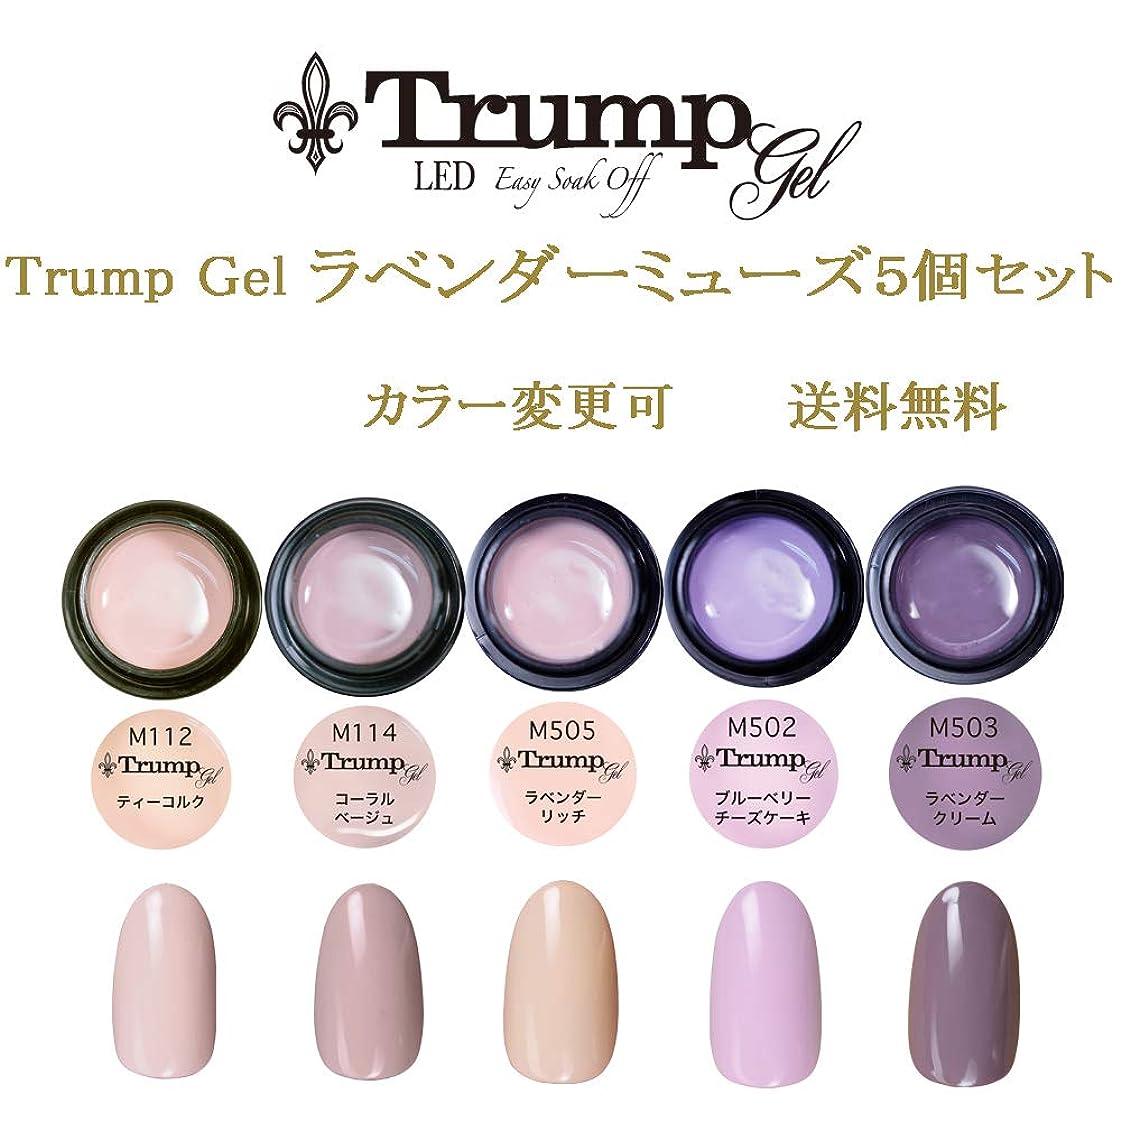 弾力性のある偽善者デコードする日本製 Trump gel トランプジェル ラベンダーミューズカラー 選べる カラージェル 5個セット ピンク ベージュ ラベンダーカラー